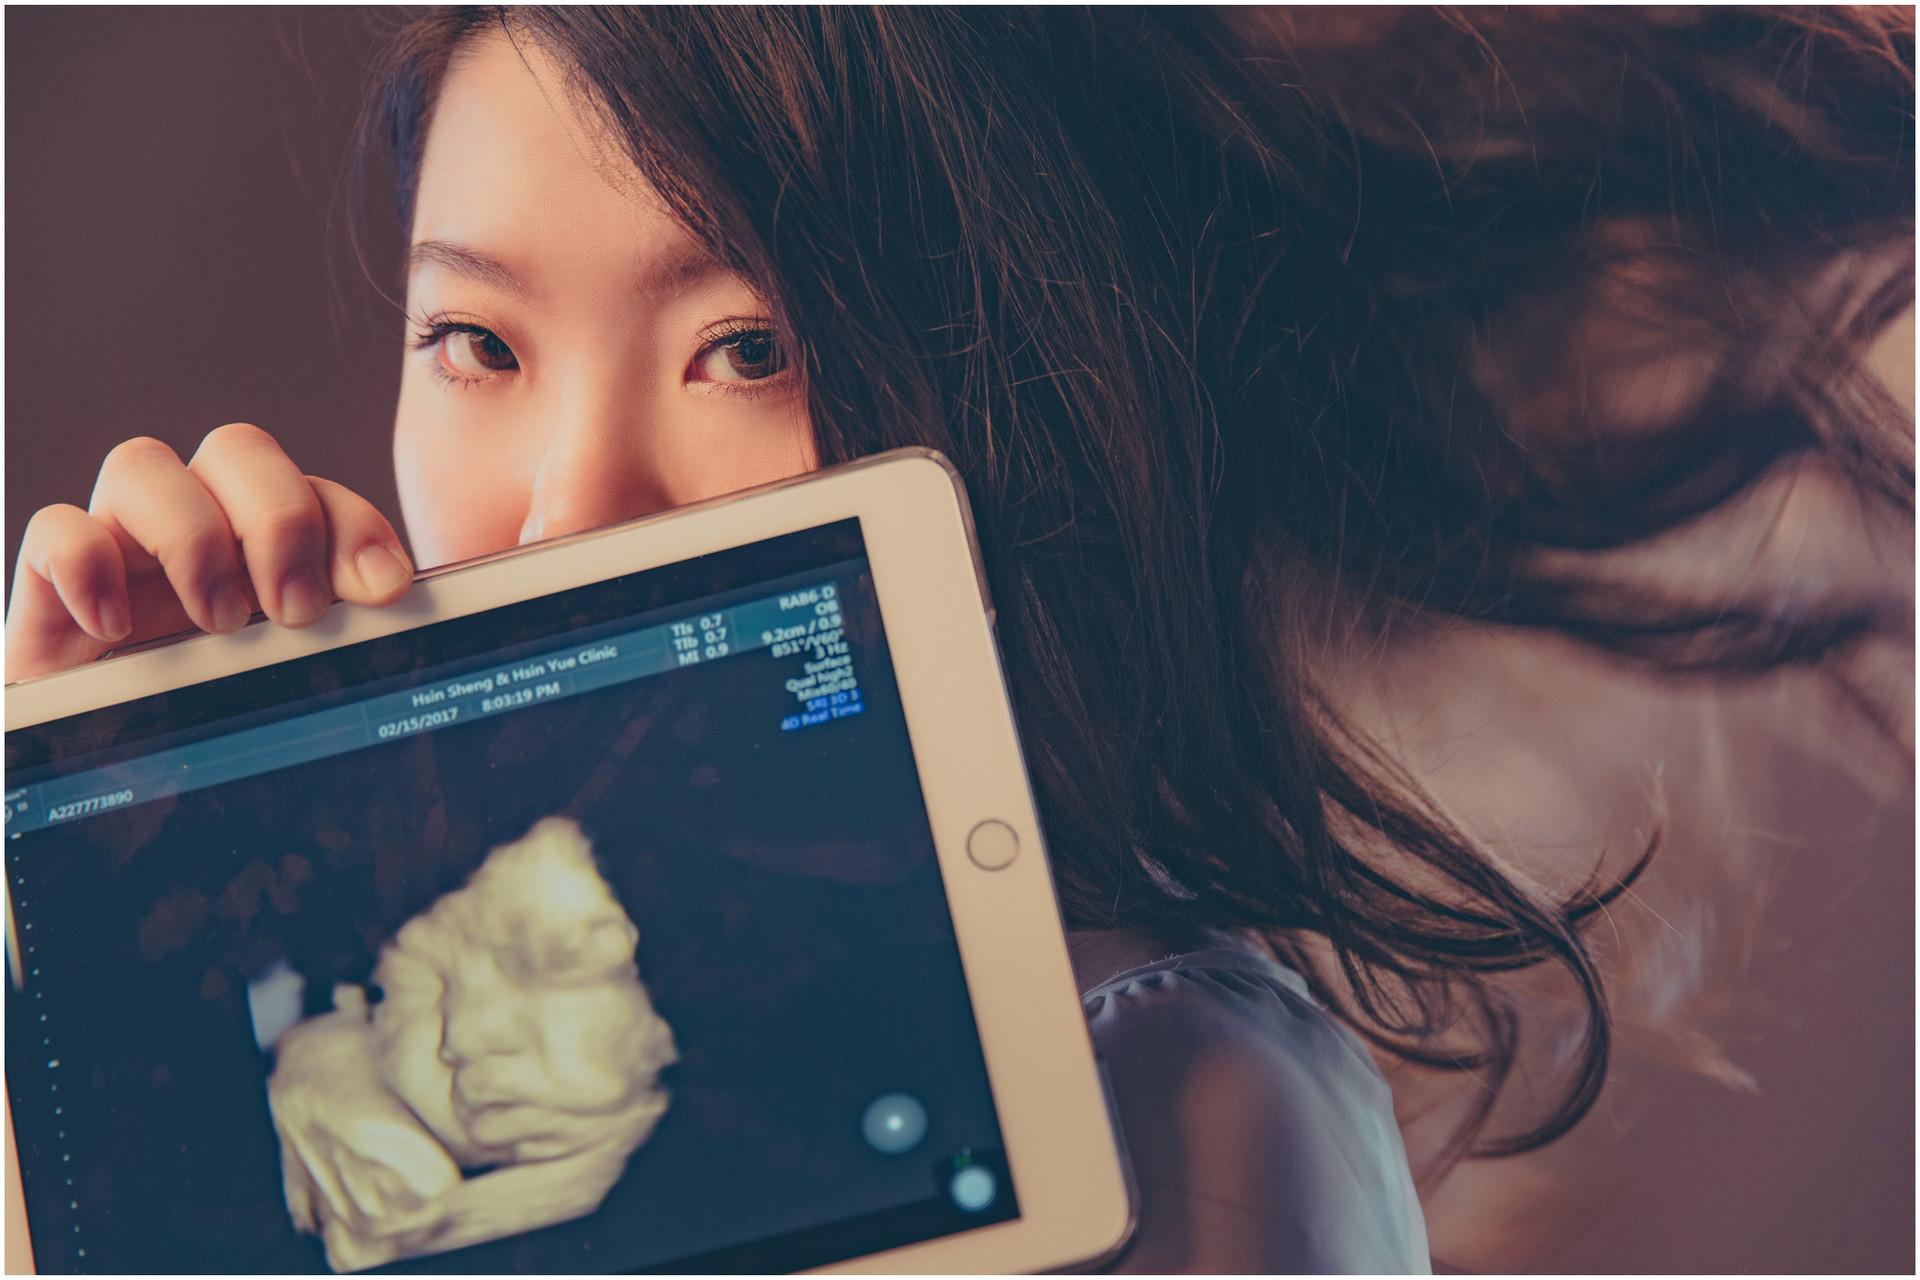 孕期寫真 / 妊娠寫真  / 素人寫真